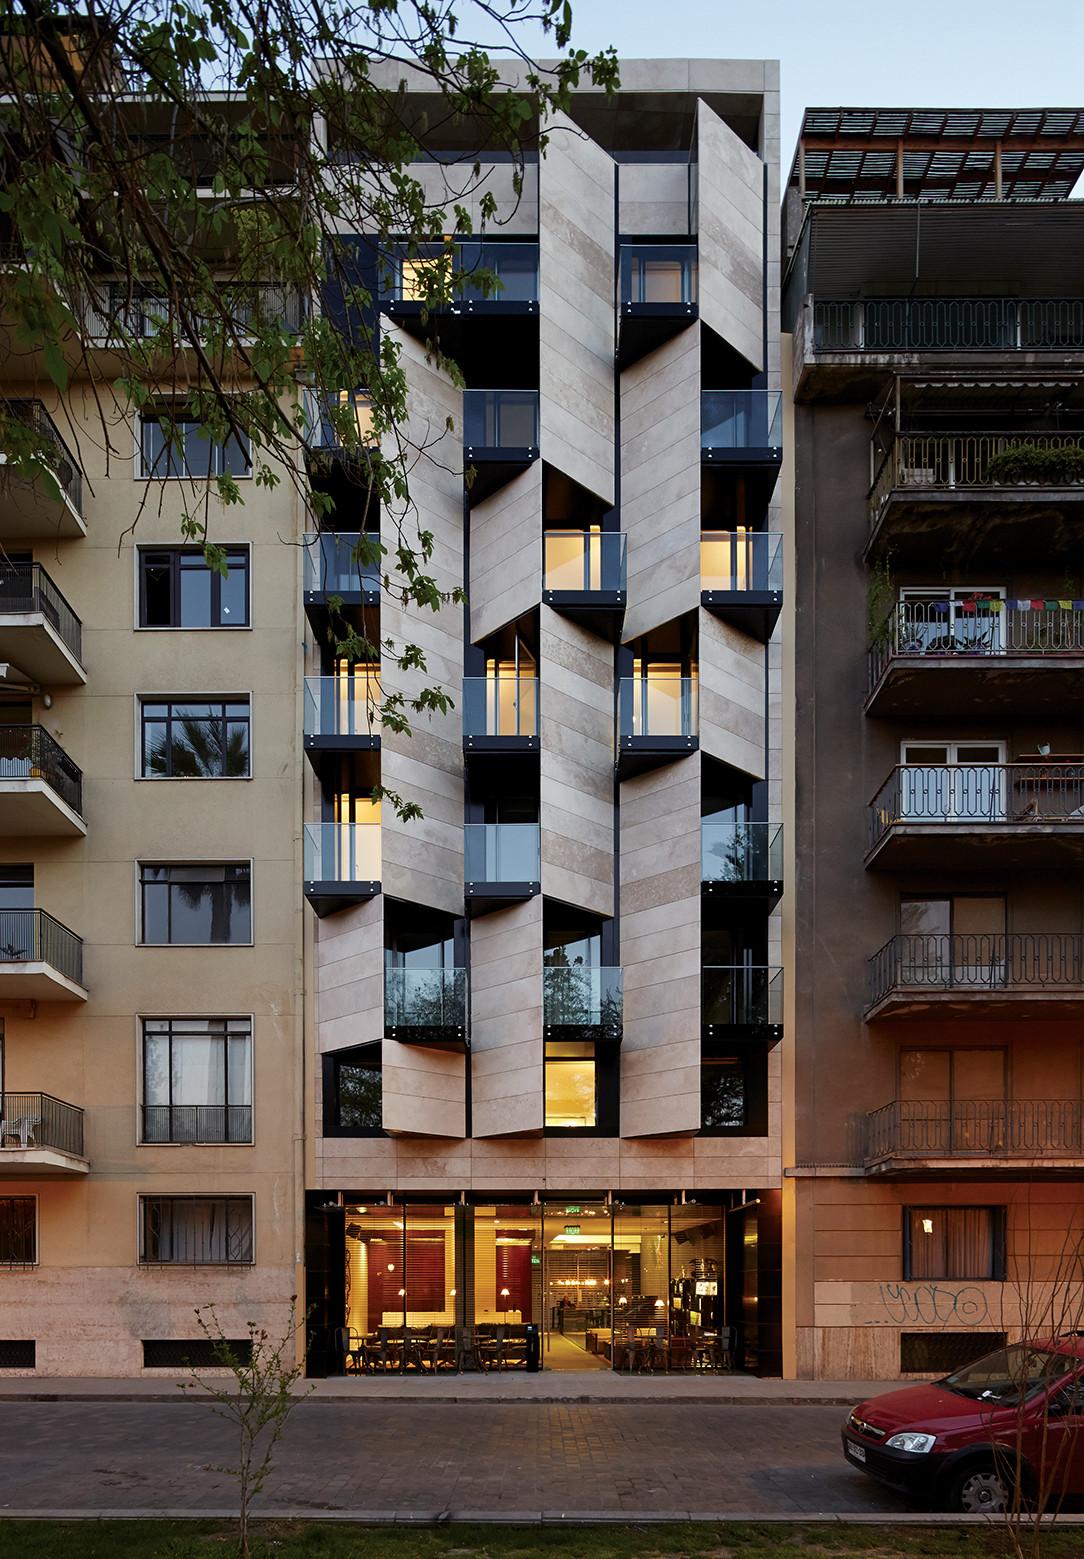 Gallery of ismael 312 apart hotel estudio larrain 6 for Aparte hotel